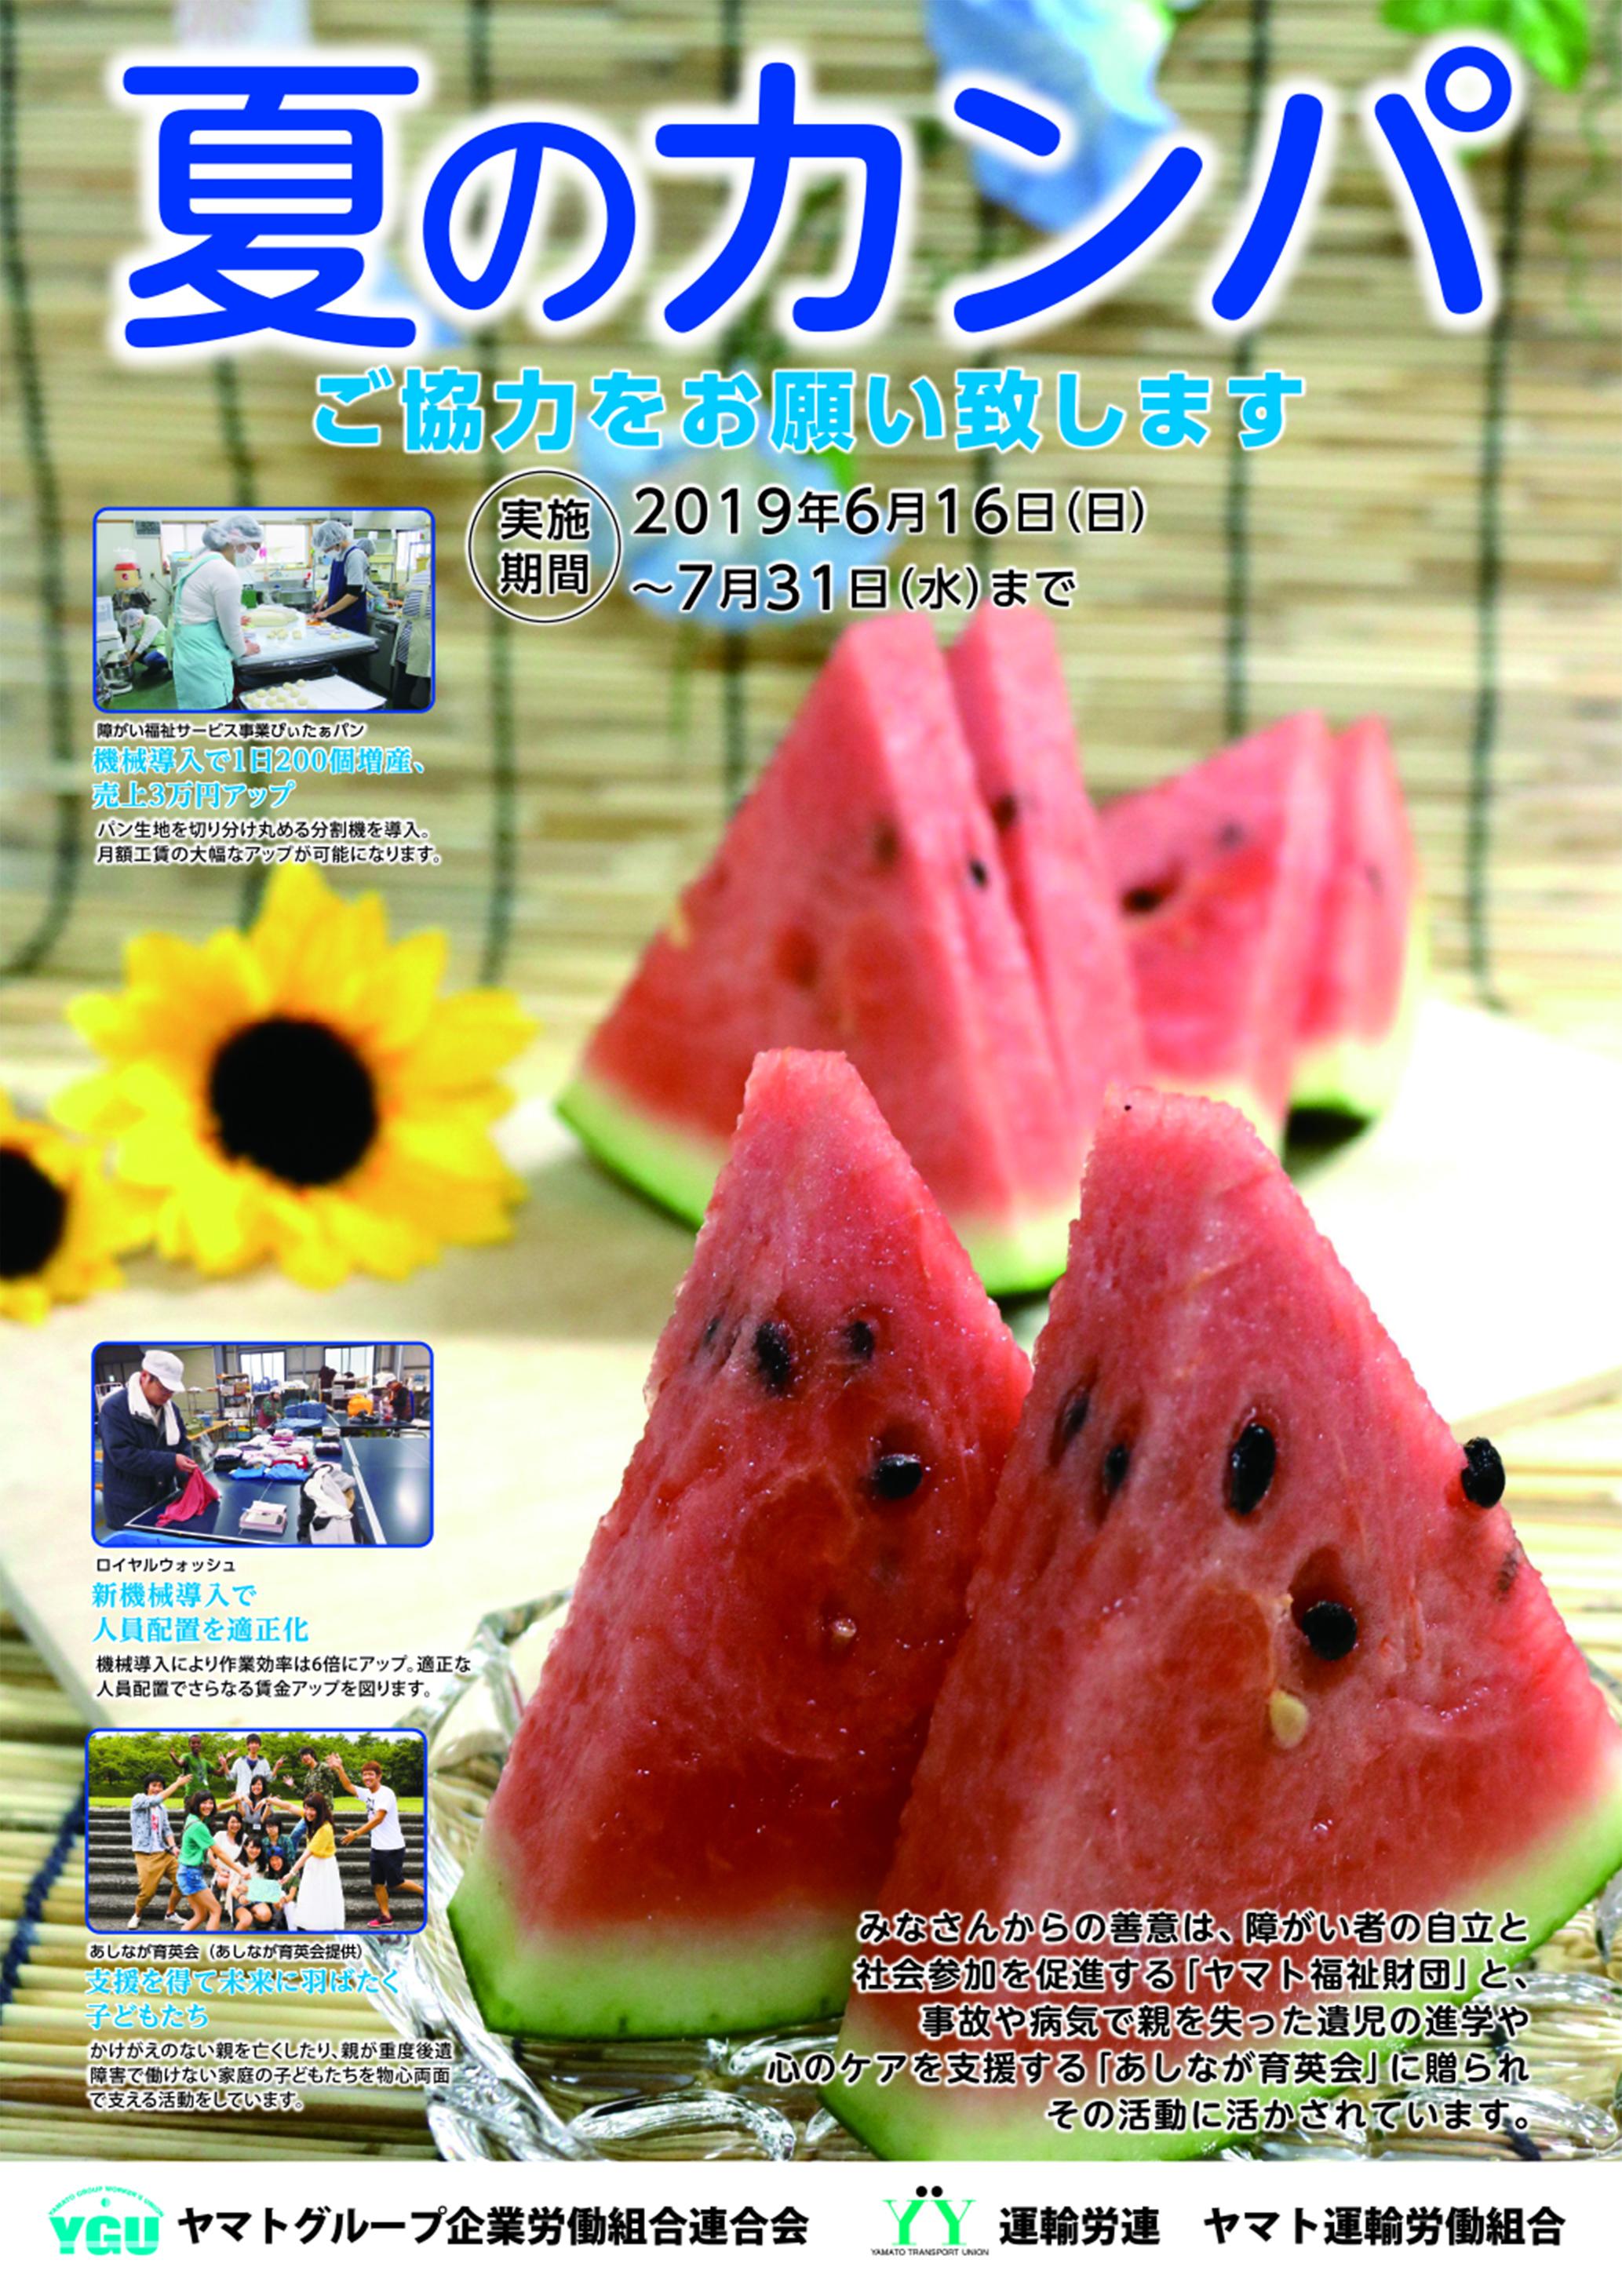 2019 夏のカンパポスター(3940KB) .jpg